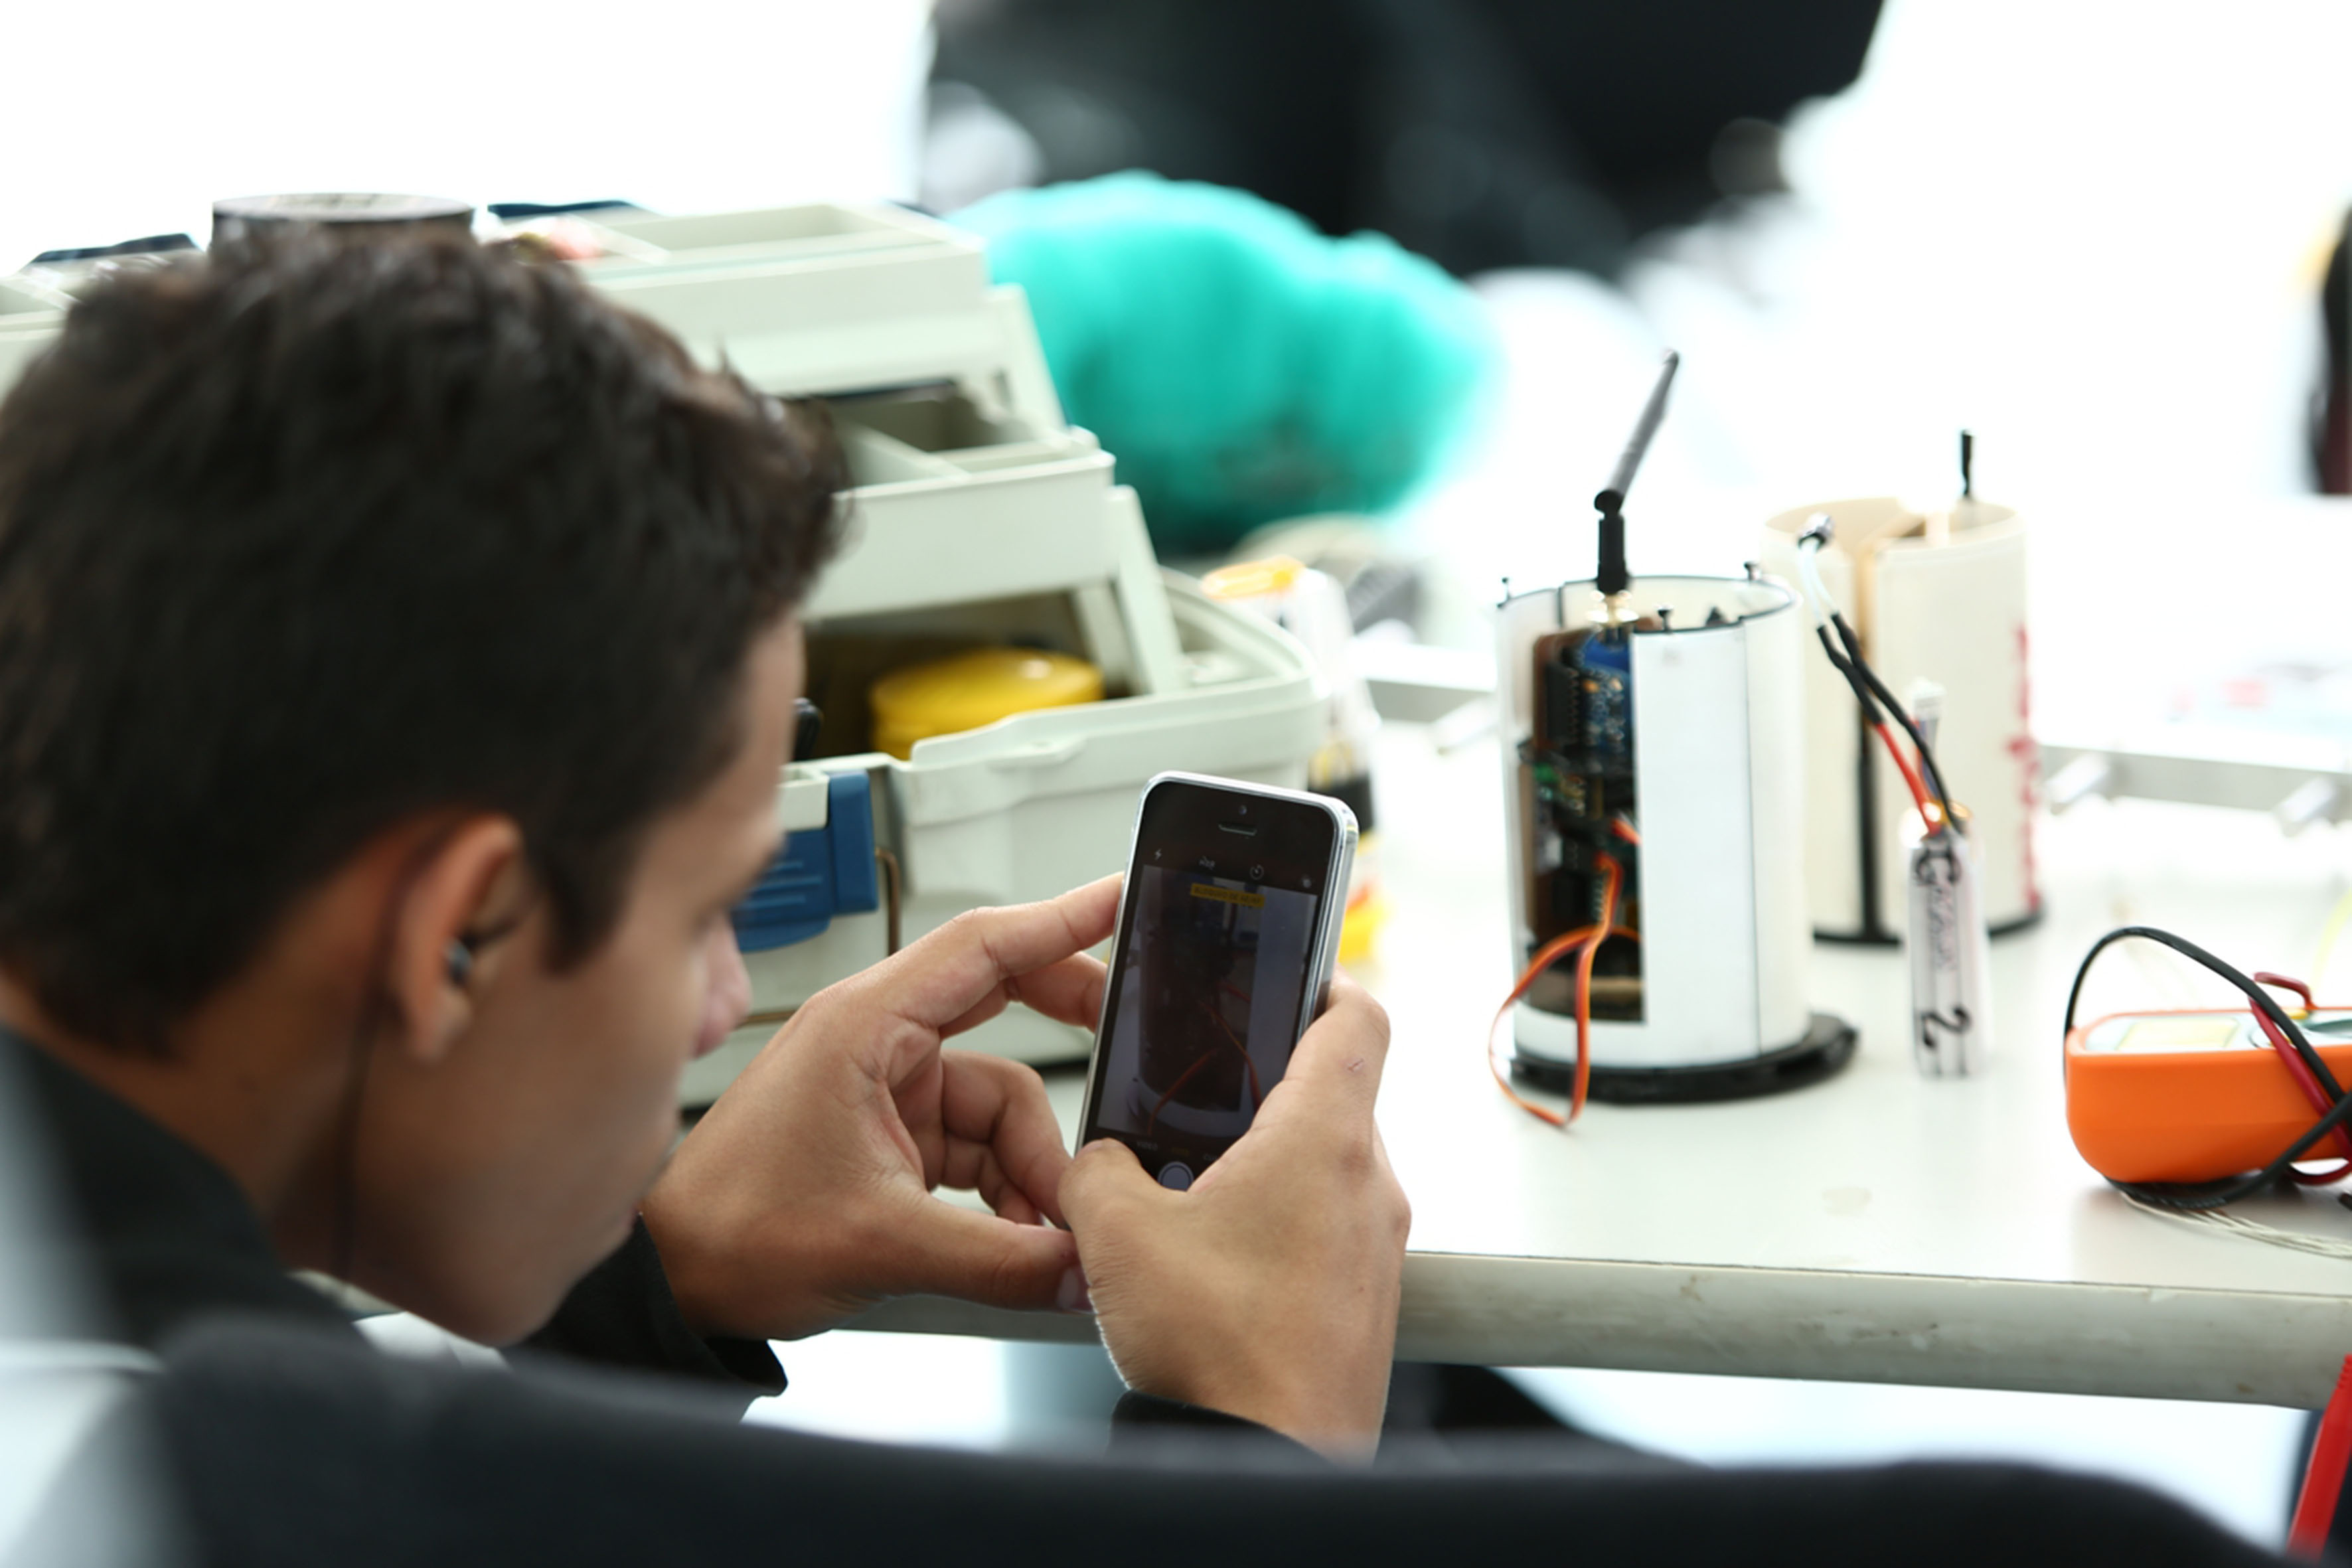 Estudiante de ingeniería, tomando una foto por dentro al prototipo de su satélite en miniatura.